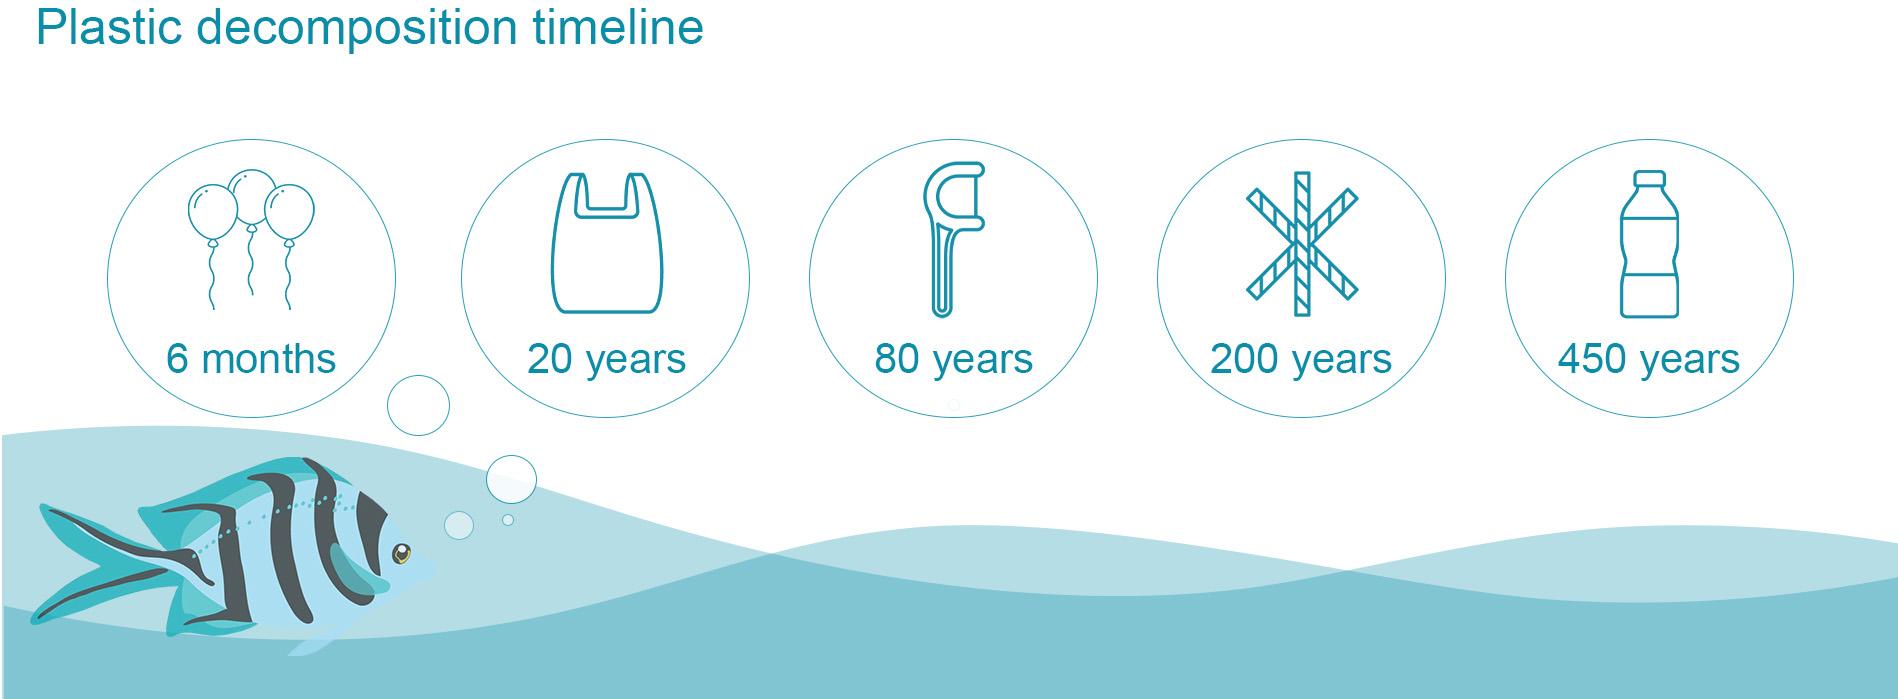 plastic decomposition timeline